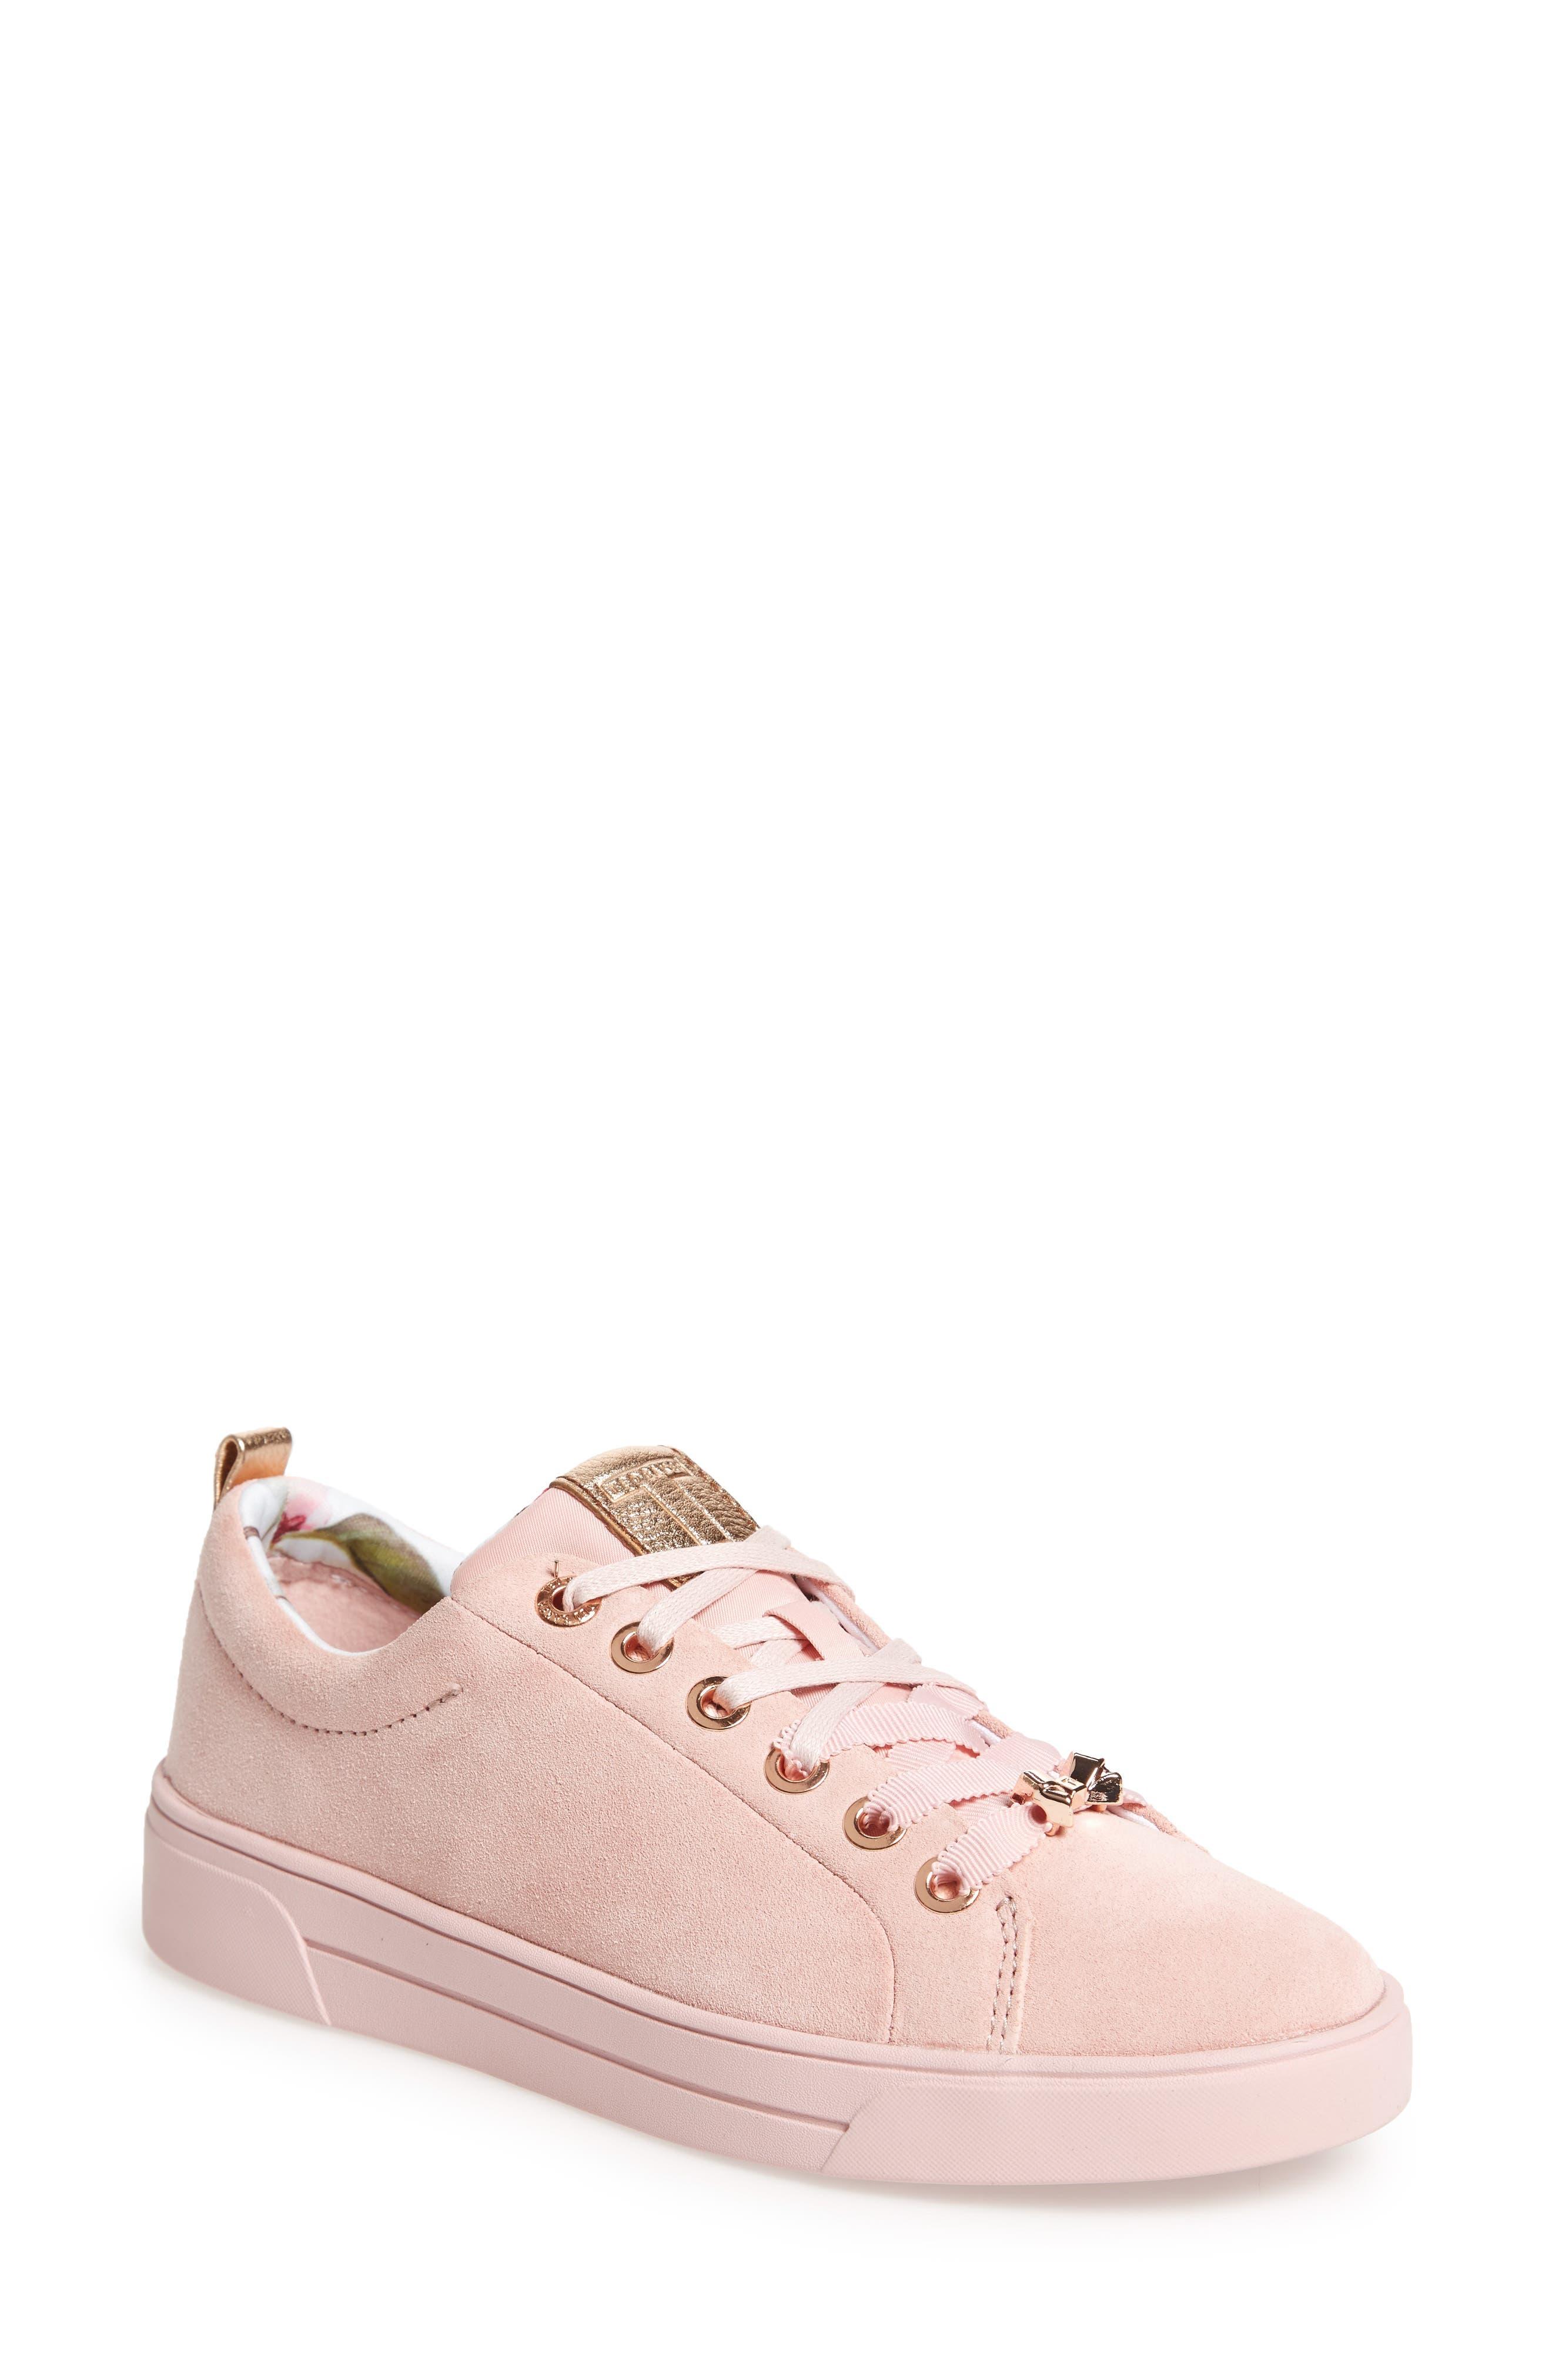 Kelleip Sneaker,                         Main,                         color, Mink Pink Suede